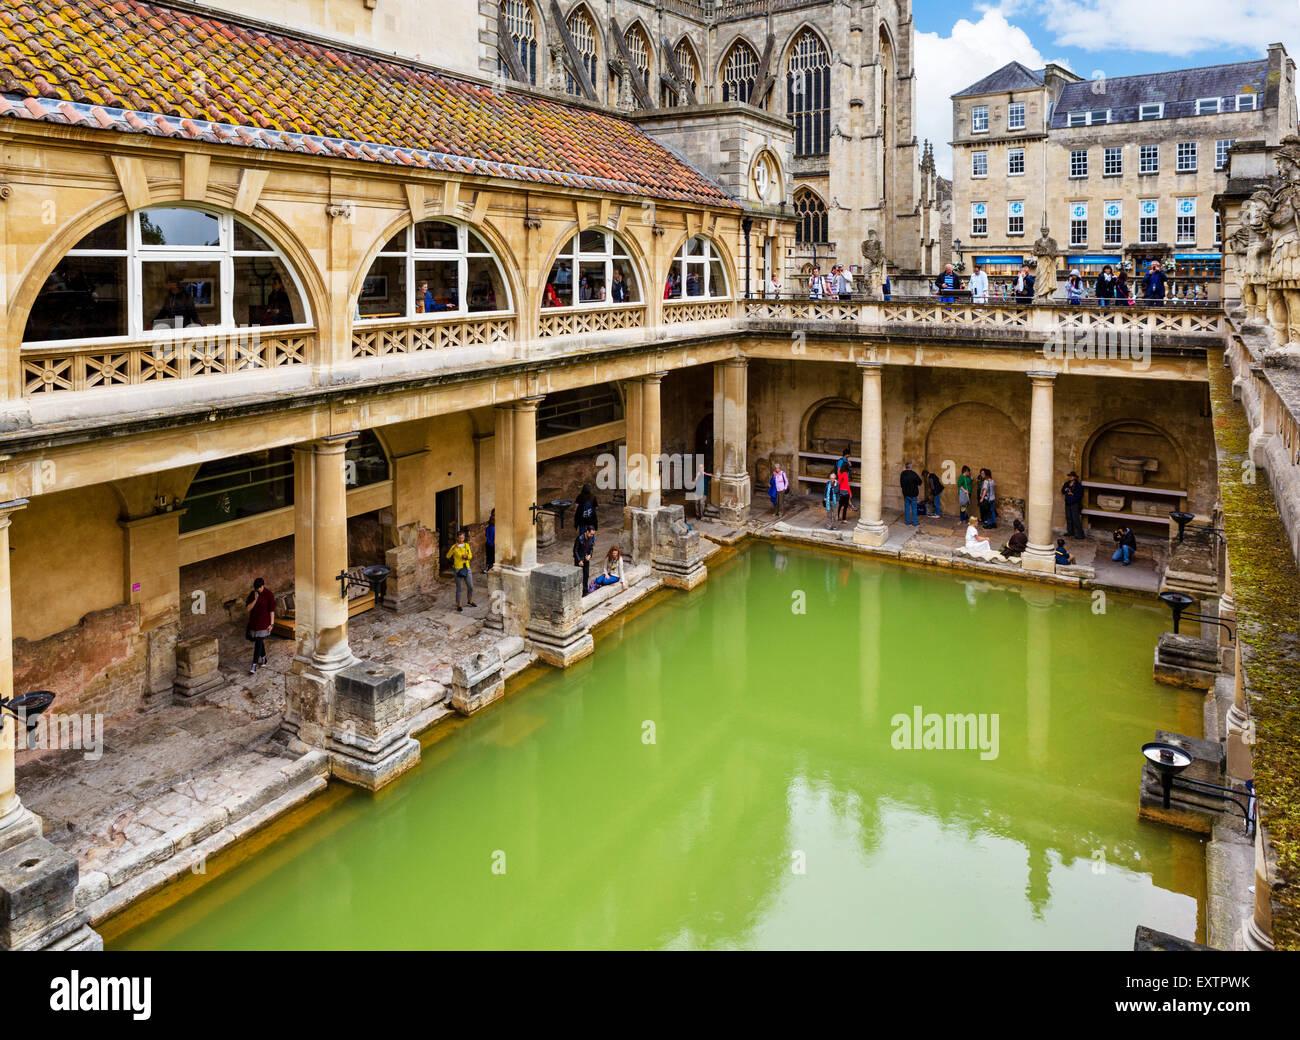 Das große Bad an die römischen Bäder in Bath, Somerset, England, Großbritannien Stockbild